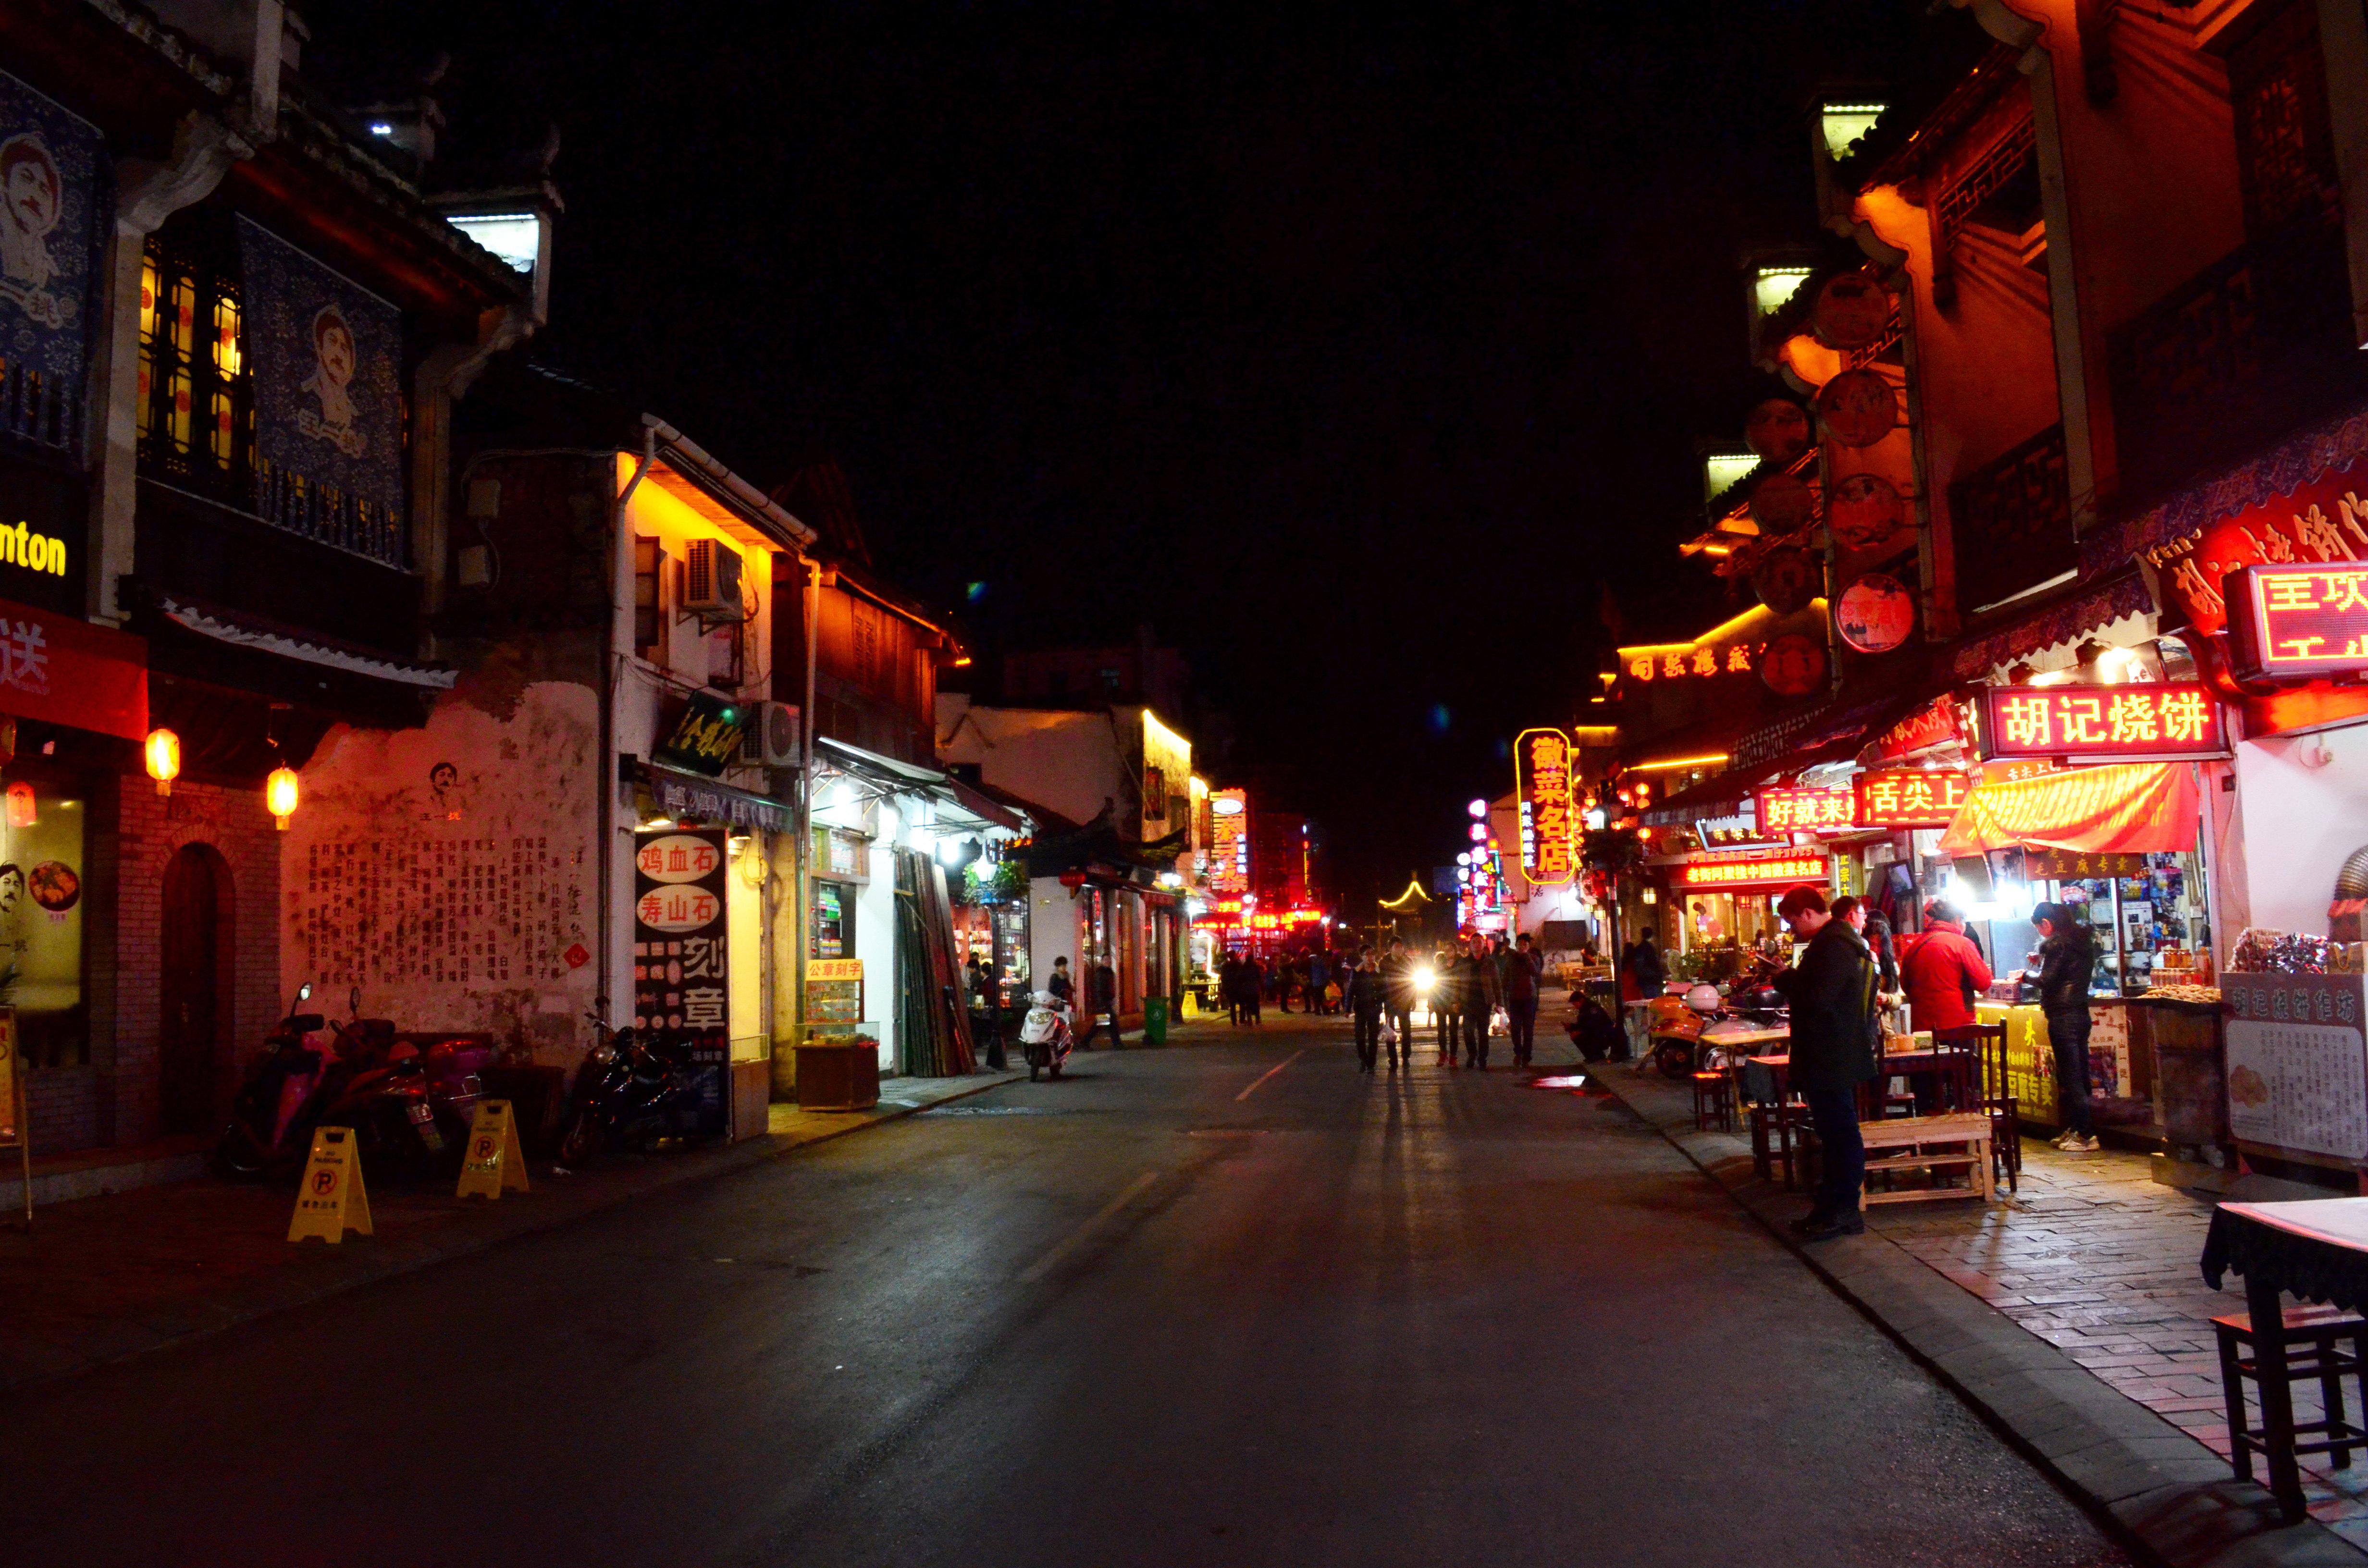 屯溪老街被称为流动的清明上河图,是中国保存最完整、最具有南宋和明清建筑风格的古代街市,也是中国全国重点文物保护单位。2009年,屯溪老街与北京国子监街、苏州平江路一同当选为中国历史文化名街。貌似全国各地的老衔都是大同小异的格局,比如贵州的青岩古镇,苏州古城区的平江路老街,武汉的户部巷,桂林阳朔的西街等等,鳞次栉比的商铺,此起彼伏的叫卖声,仿古风格的建筑,琳琅满目的小商品,当然还少不了人头攒动的各地游客,但凡网络攻略,游记点评上有名有姓被推荐的人气店铺,必定是人满为患,挤个水泄不通。这屯溪老街,也